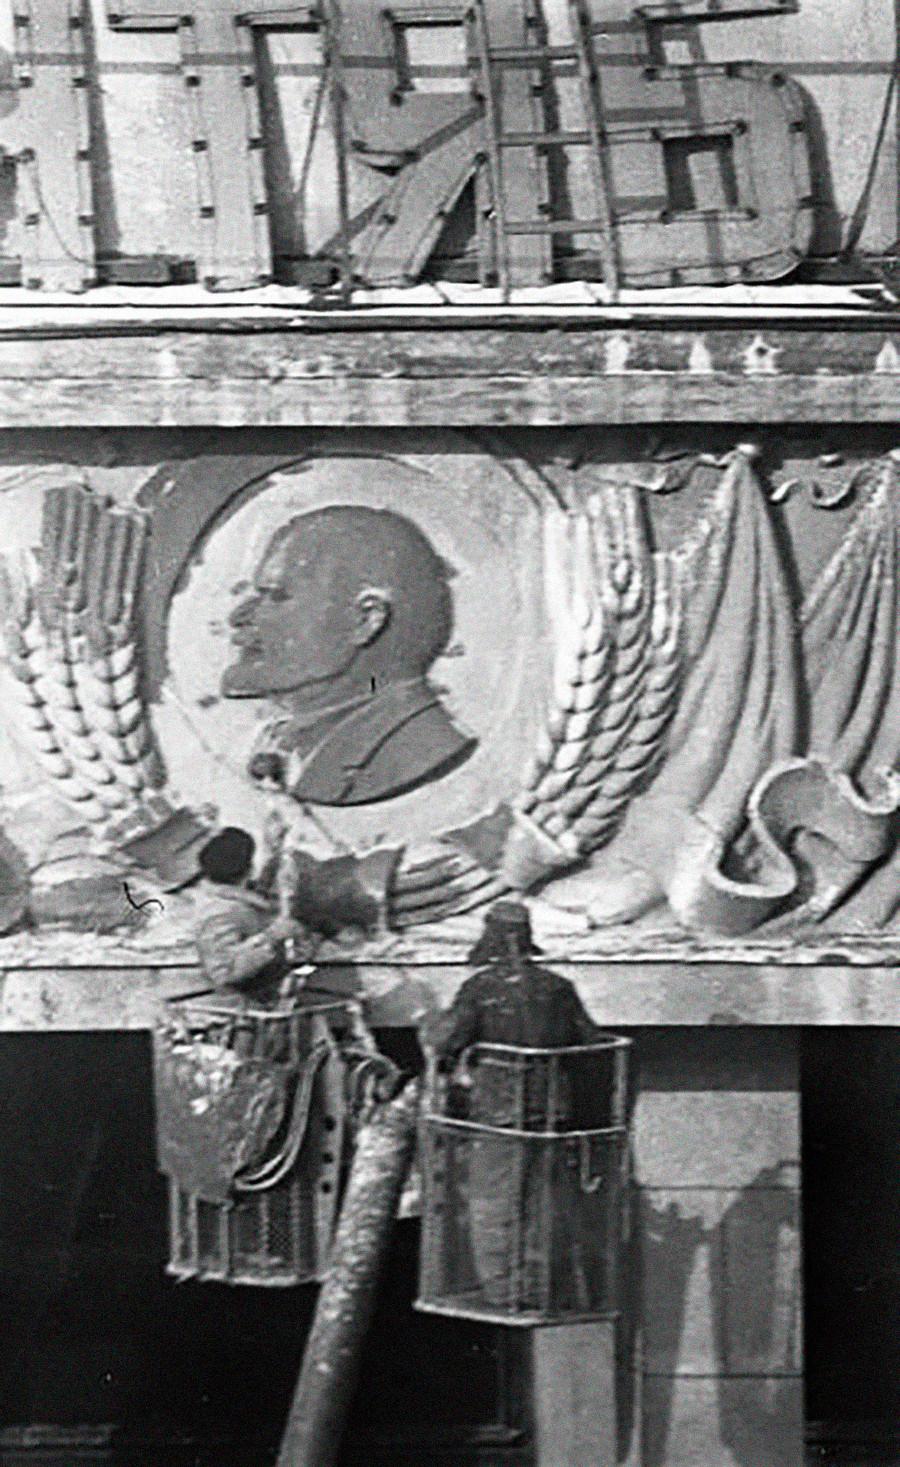 Zwei Arbeiter reinigen das Lenin-Porträt in einem Kolchos.